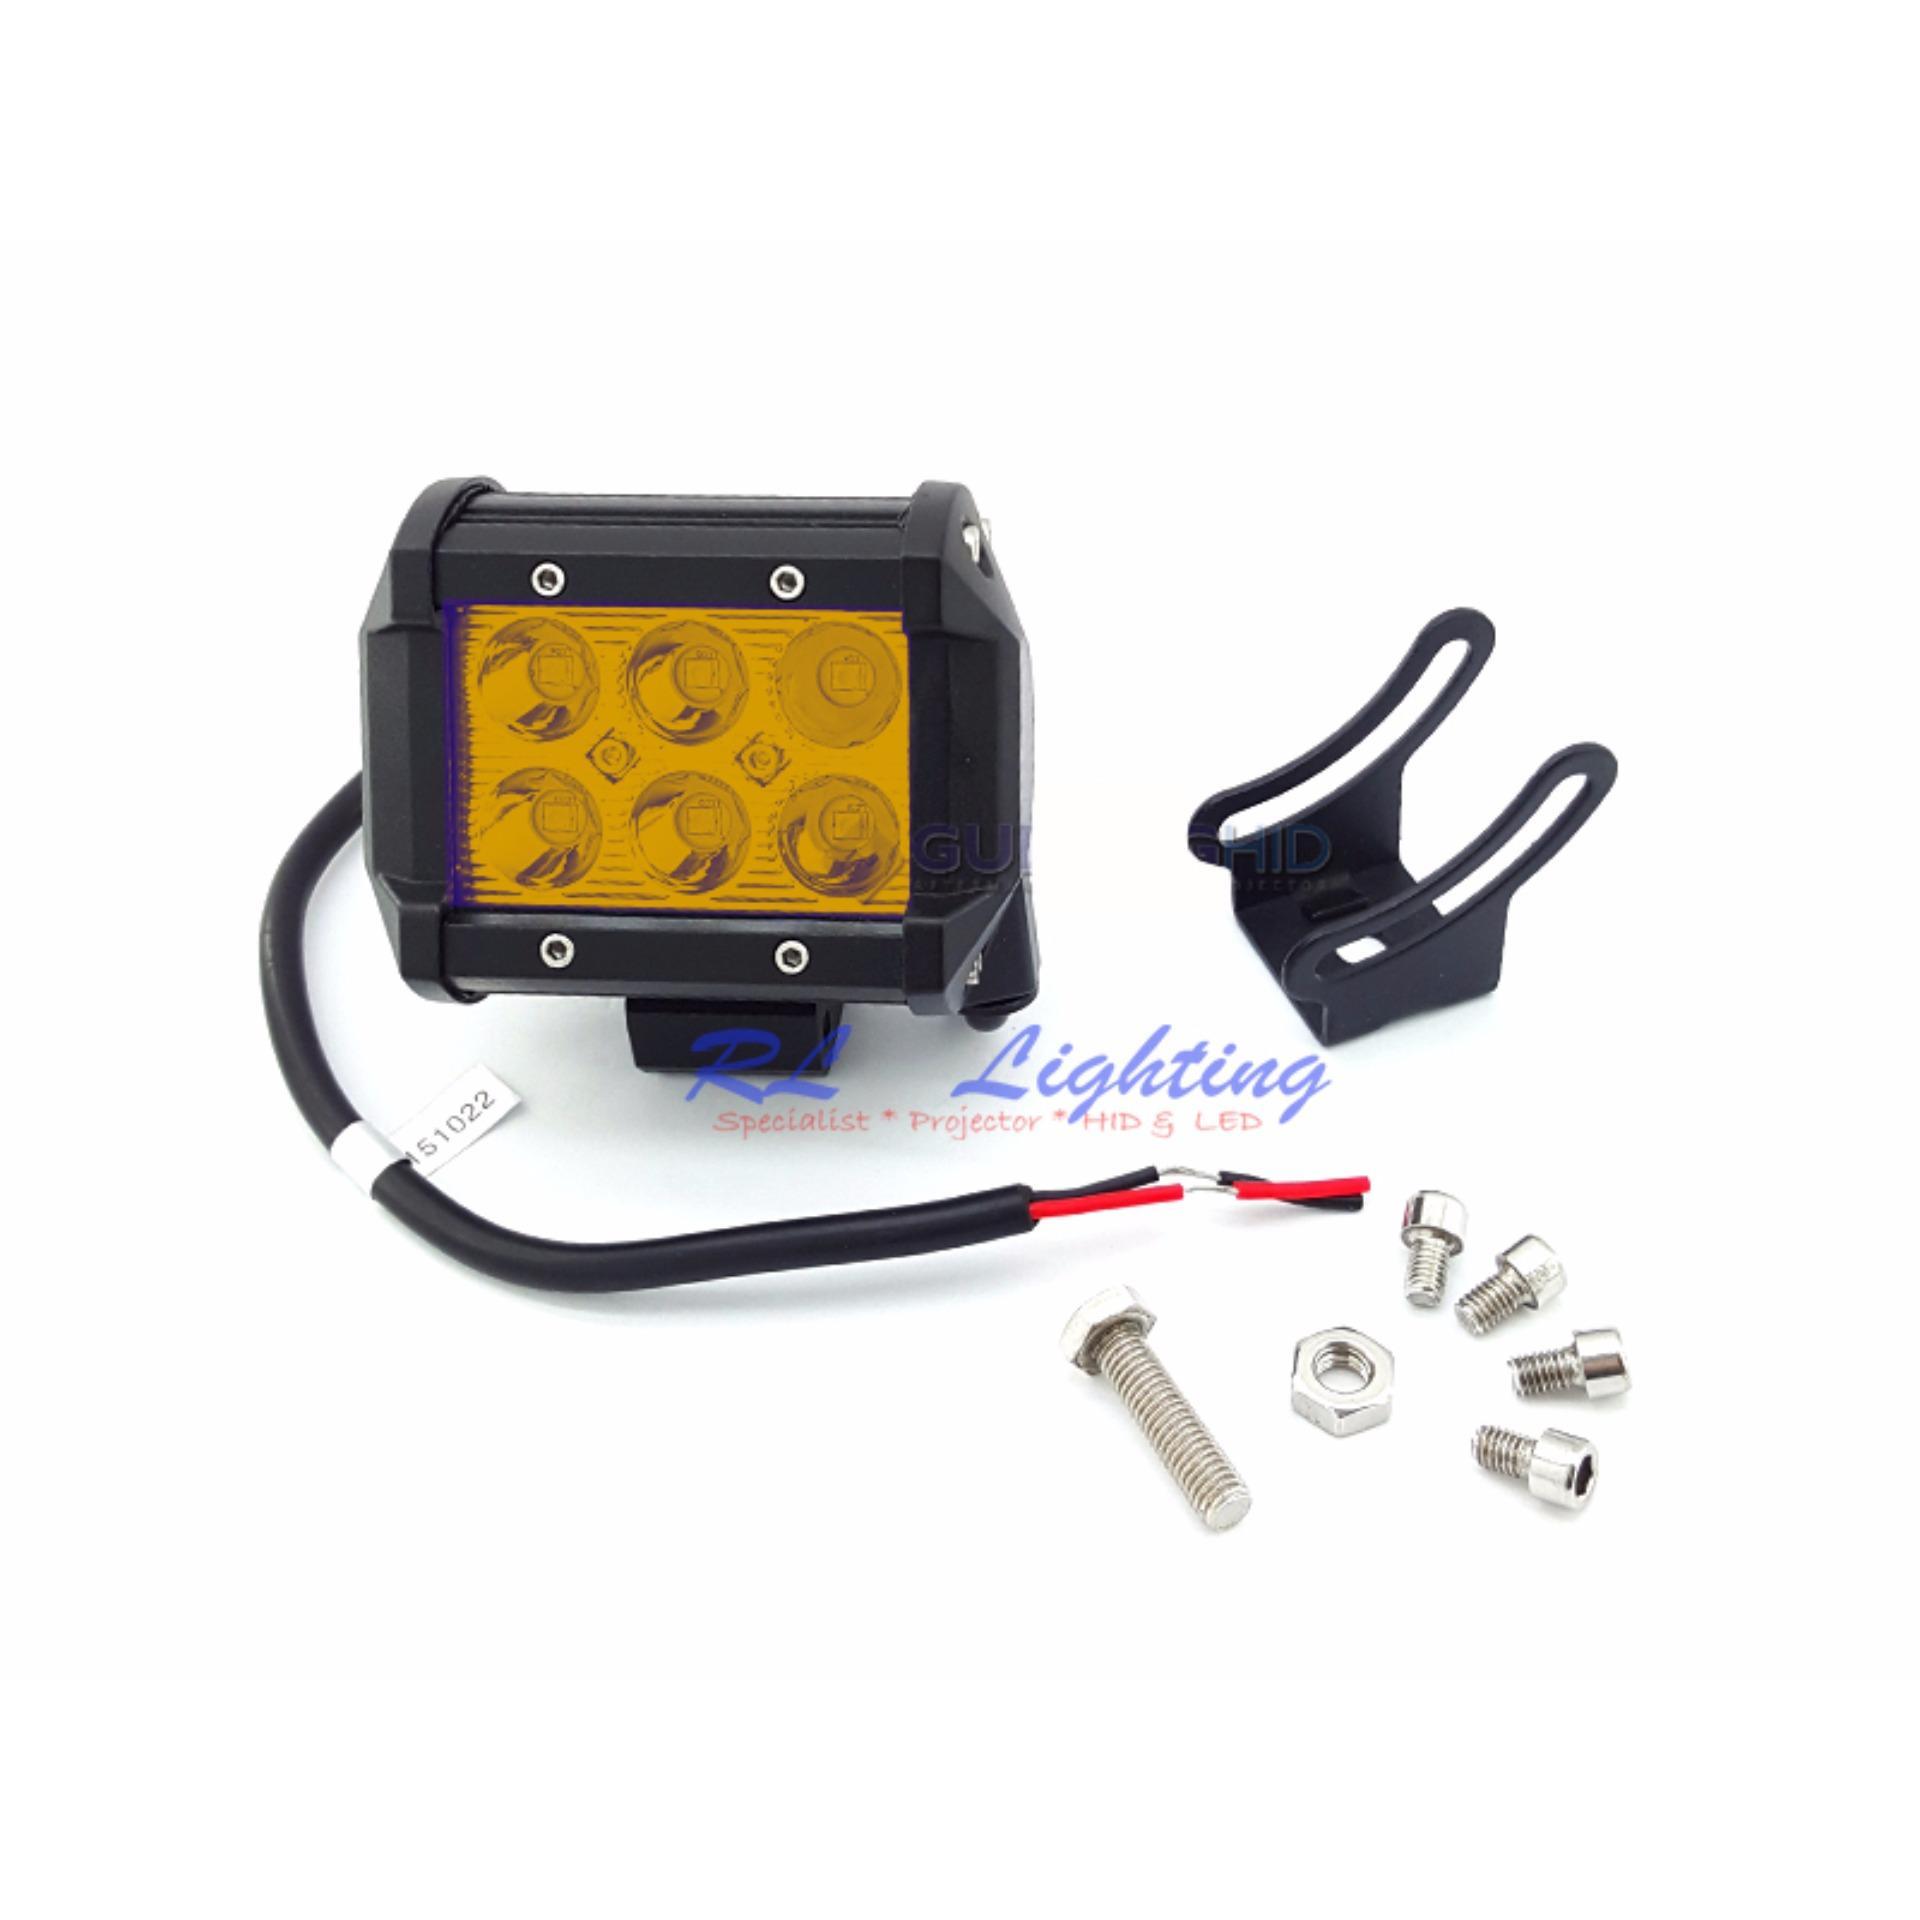 ... LED Lampu Tembak Sorot Worklight Cree Led Spot 6 Mata 18 Watt - Kuning ...